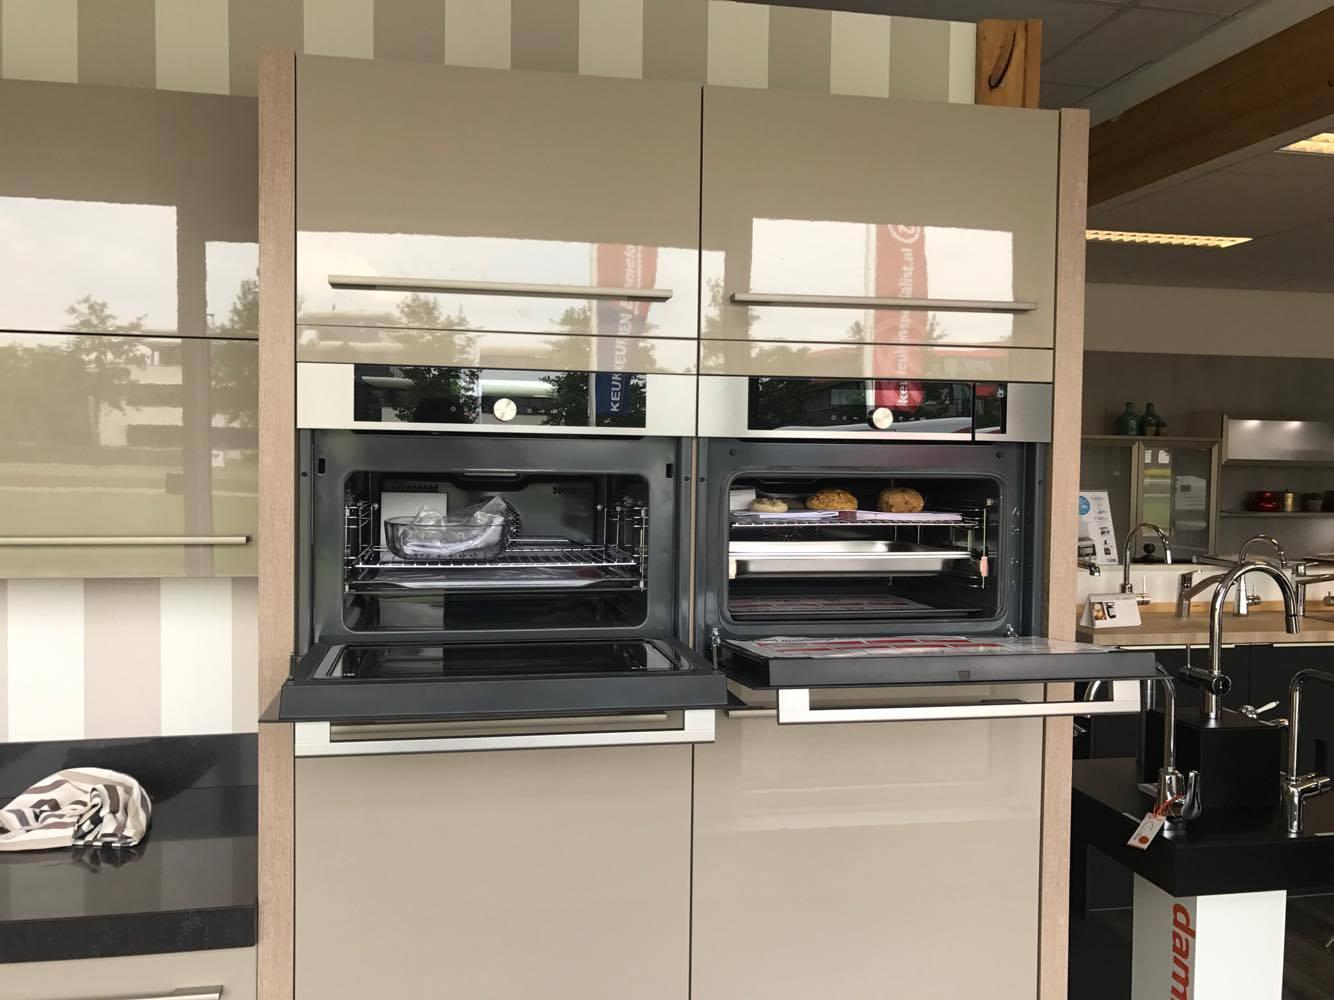 Grando Keukens Middelburg : Grando keukens actie ravelijnkrant editie by zeeman